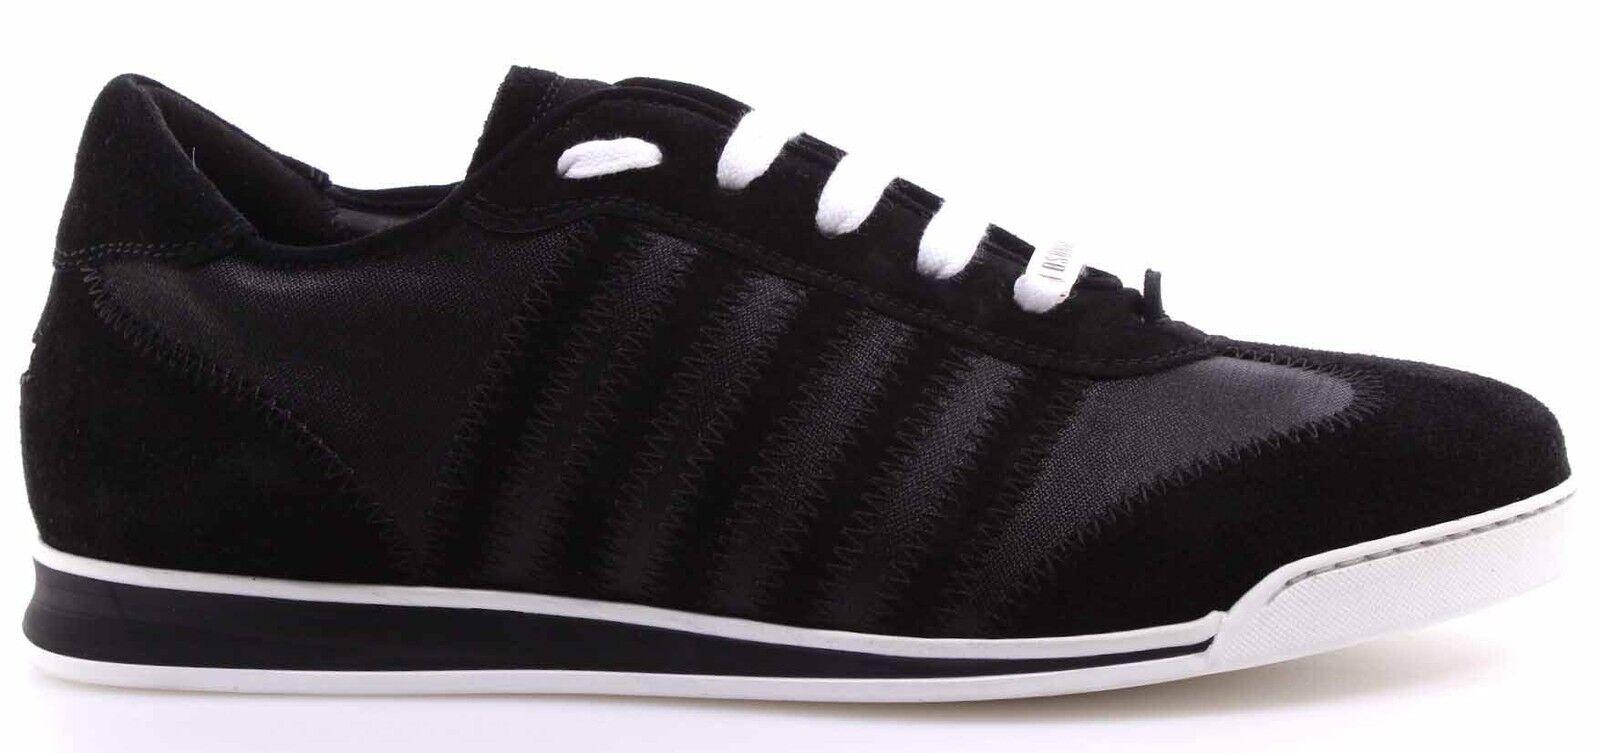 Men's Shoes Sneakers DSQUARED2 New Runner Nylon Velour Nero Black Made Italy New